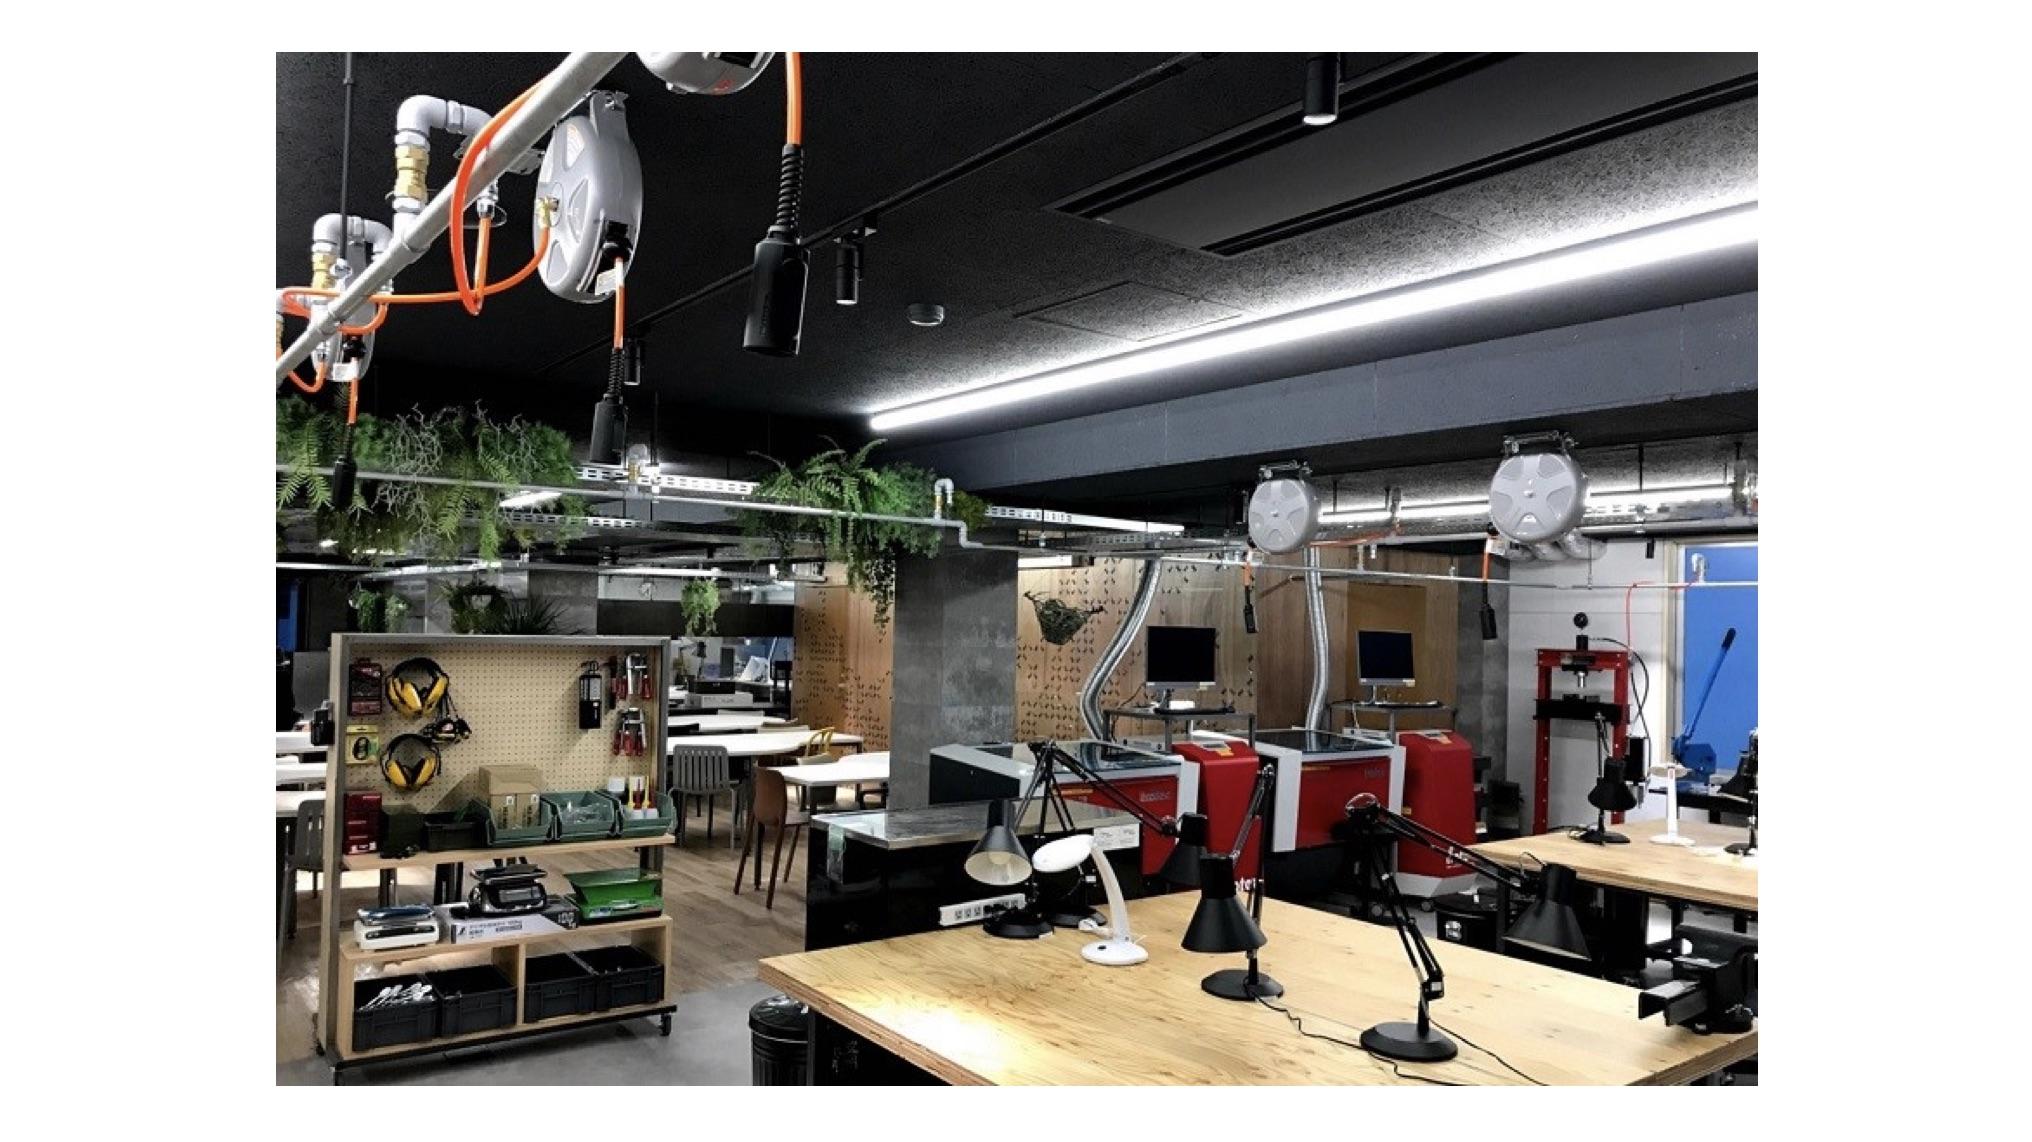 開志専門職大学×DMM.make AKIBA | IoT活用やロボティクス演習を行う施設「KAISHI LAB」が誕生